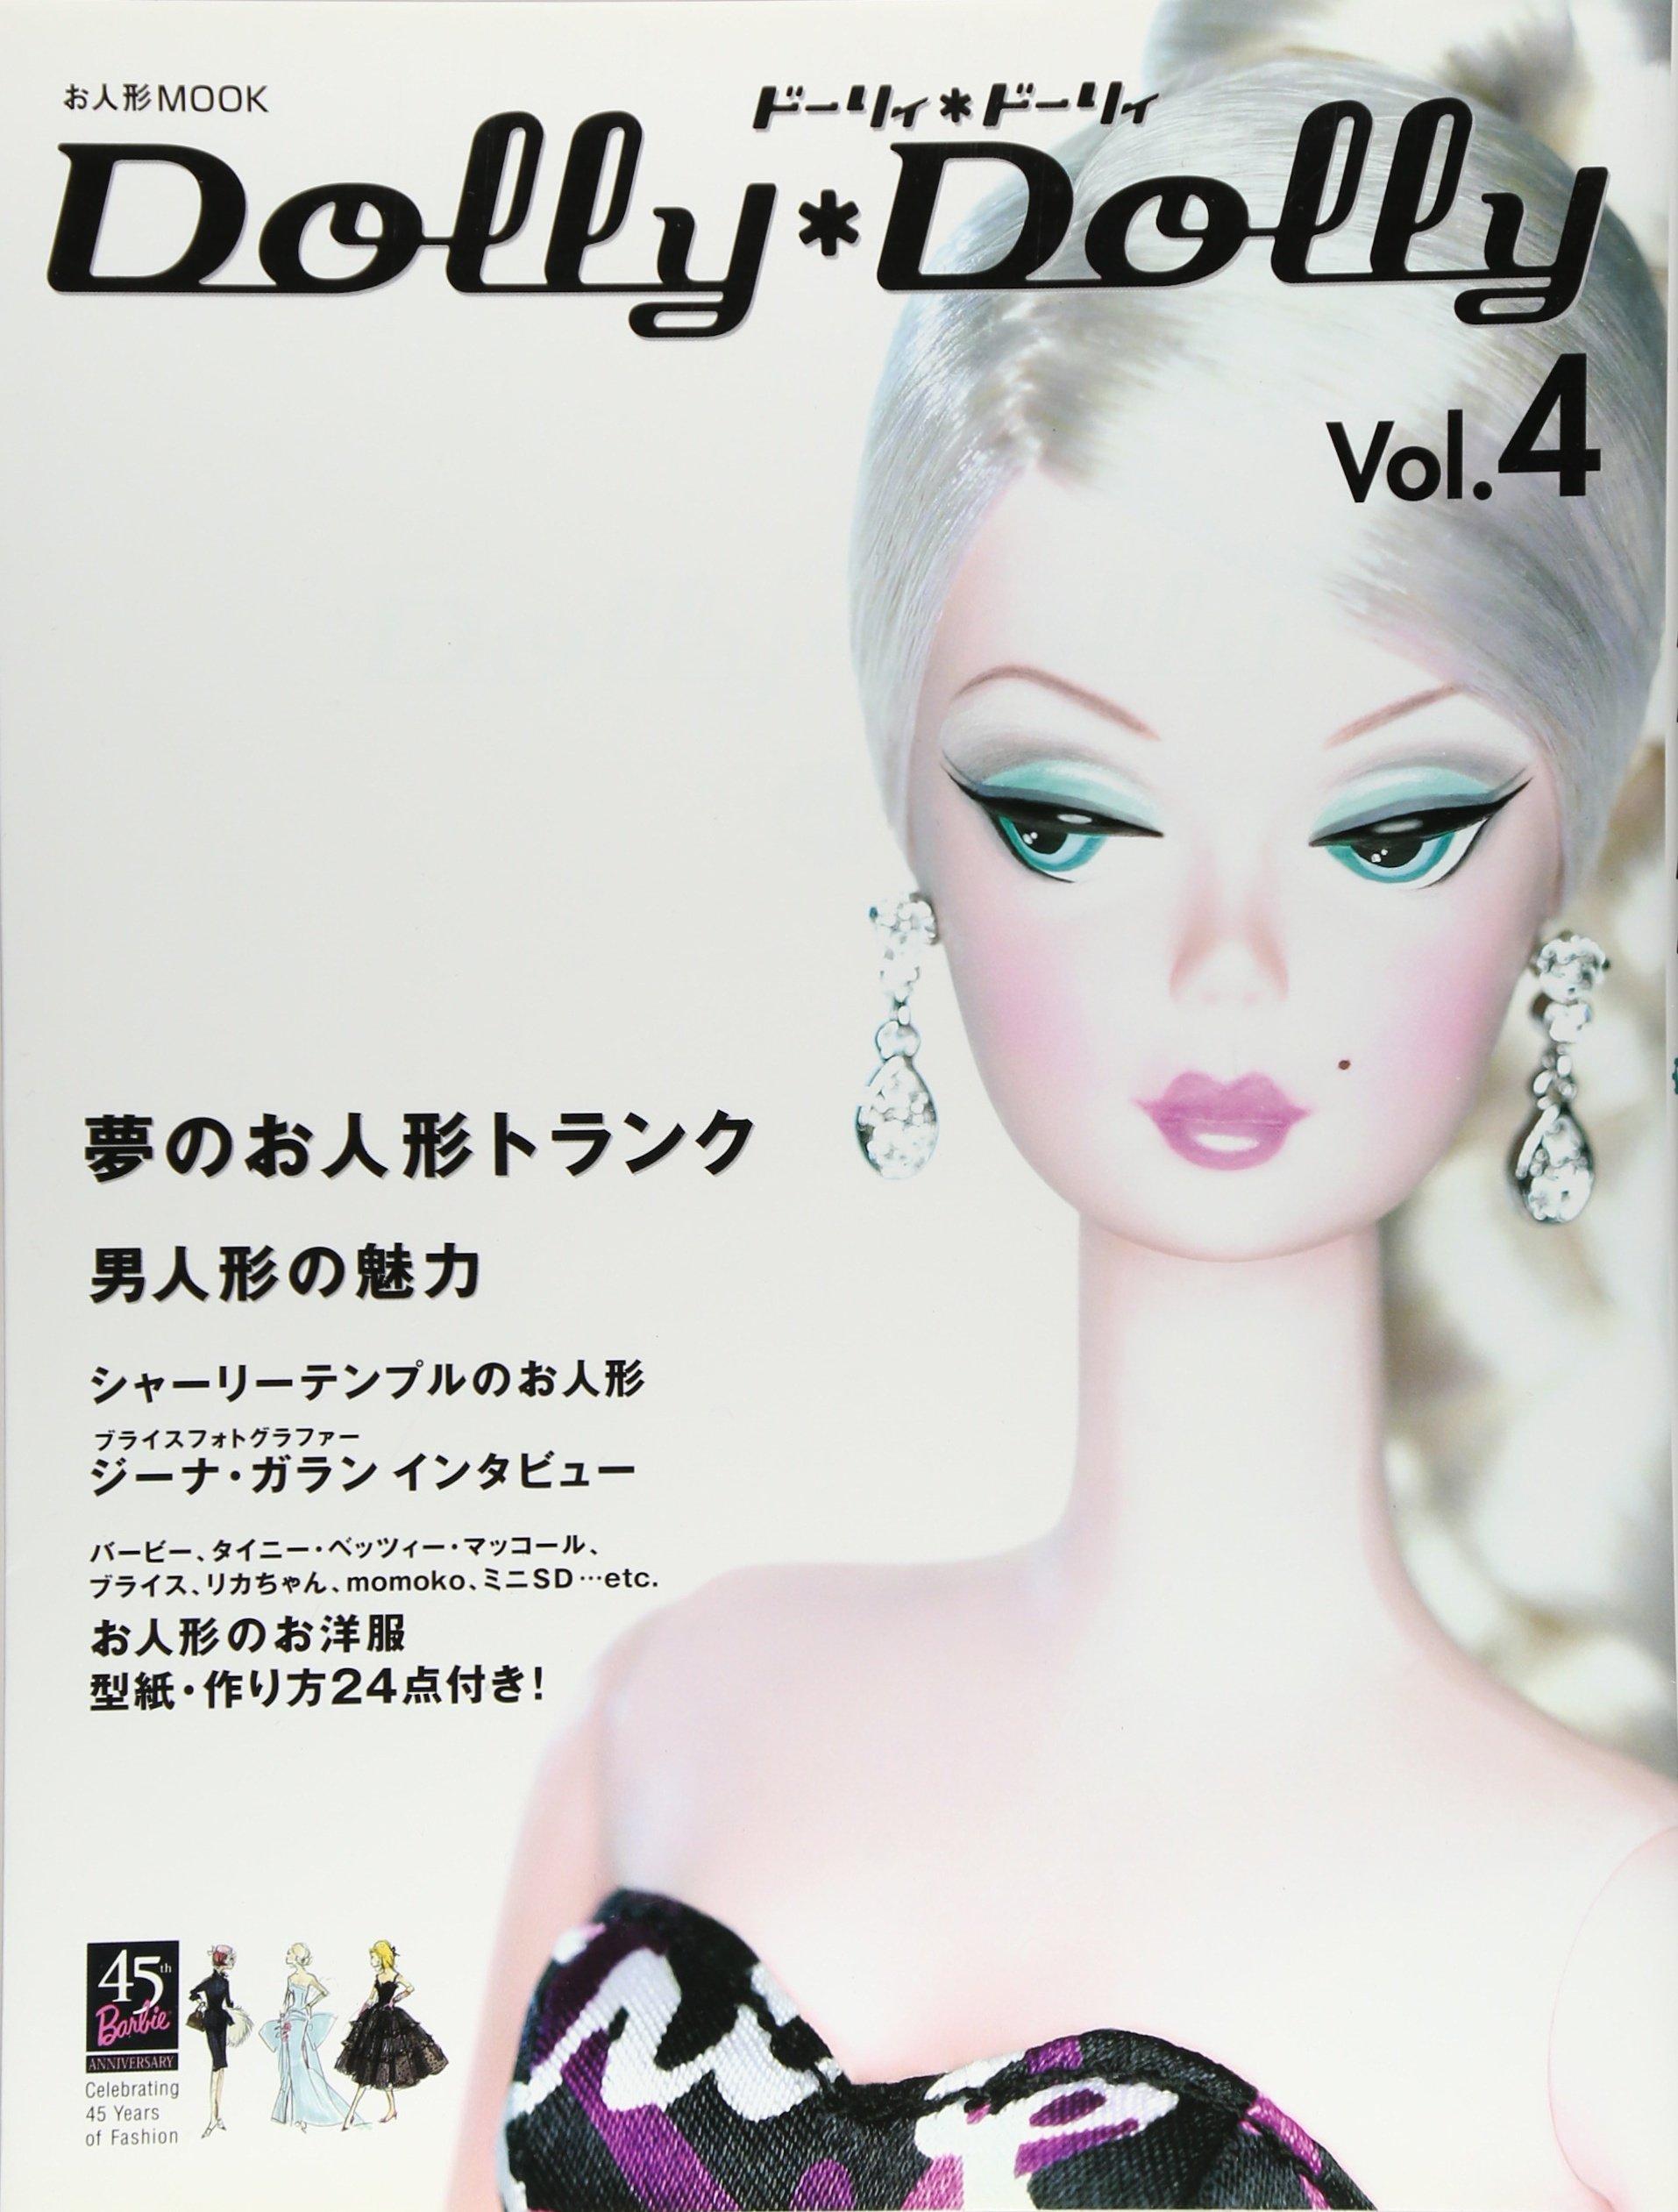 Dolly*Dolly (Vol.4)